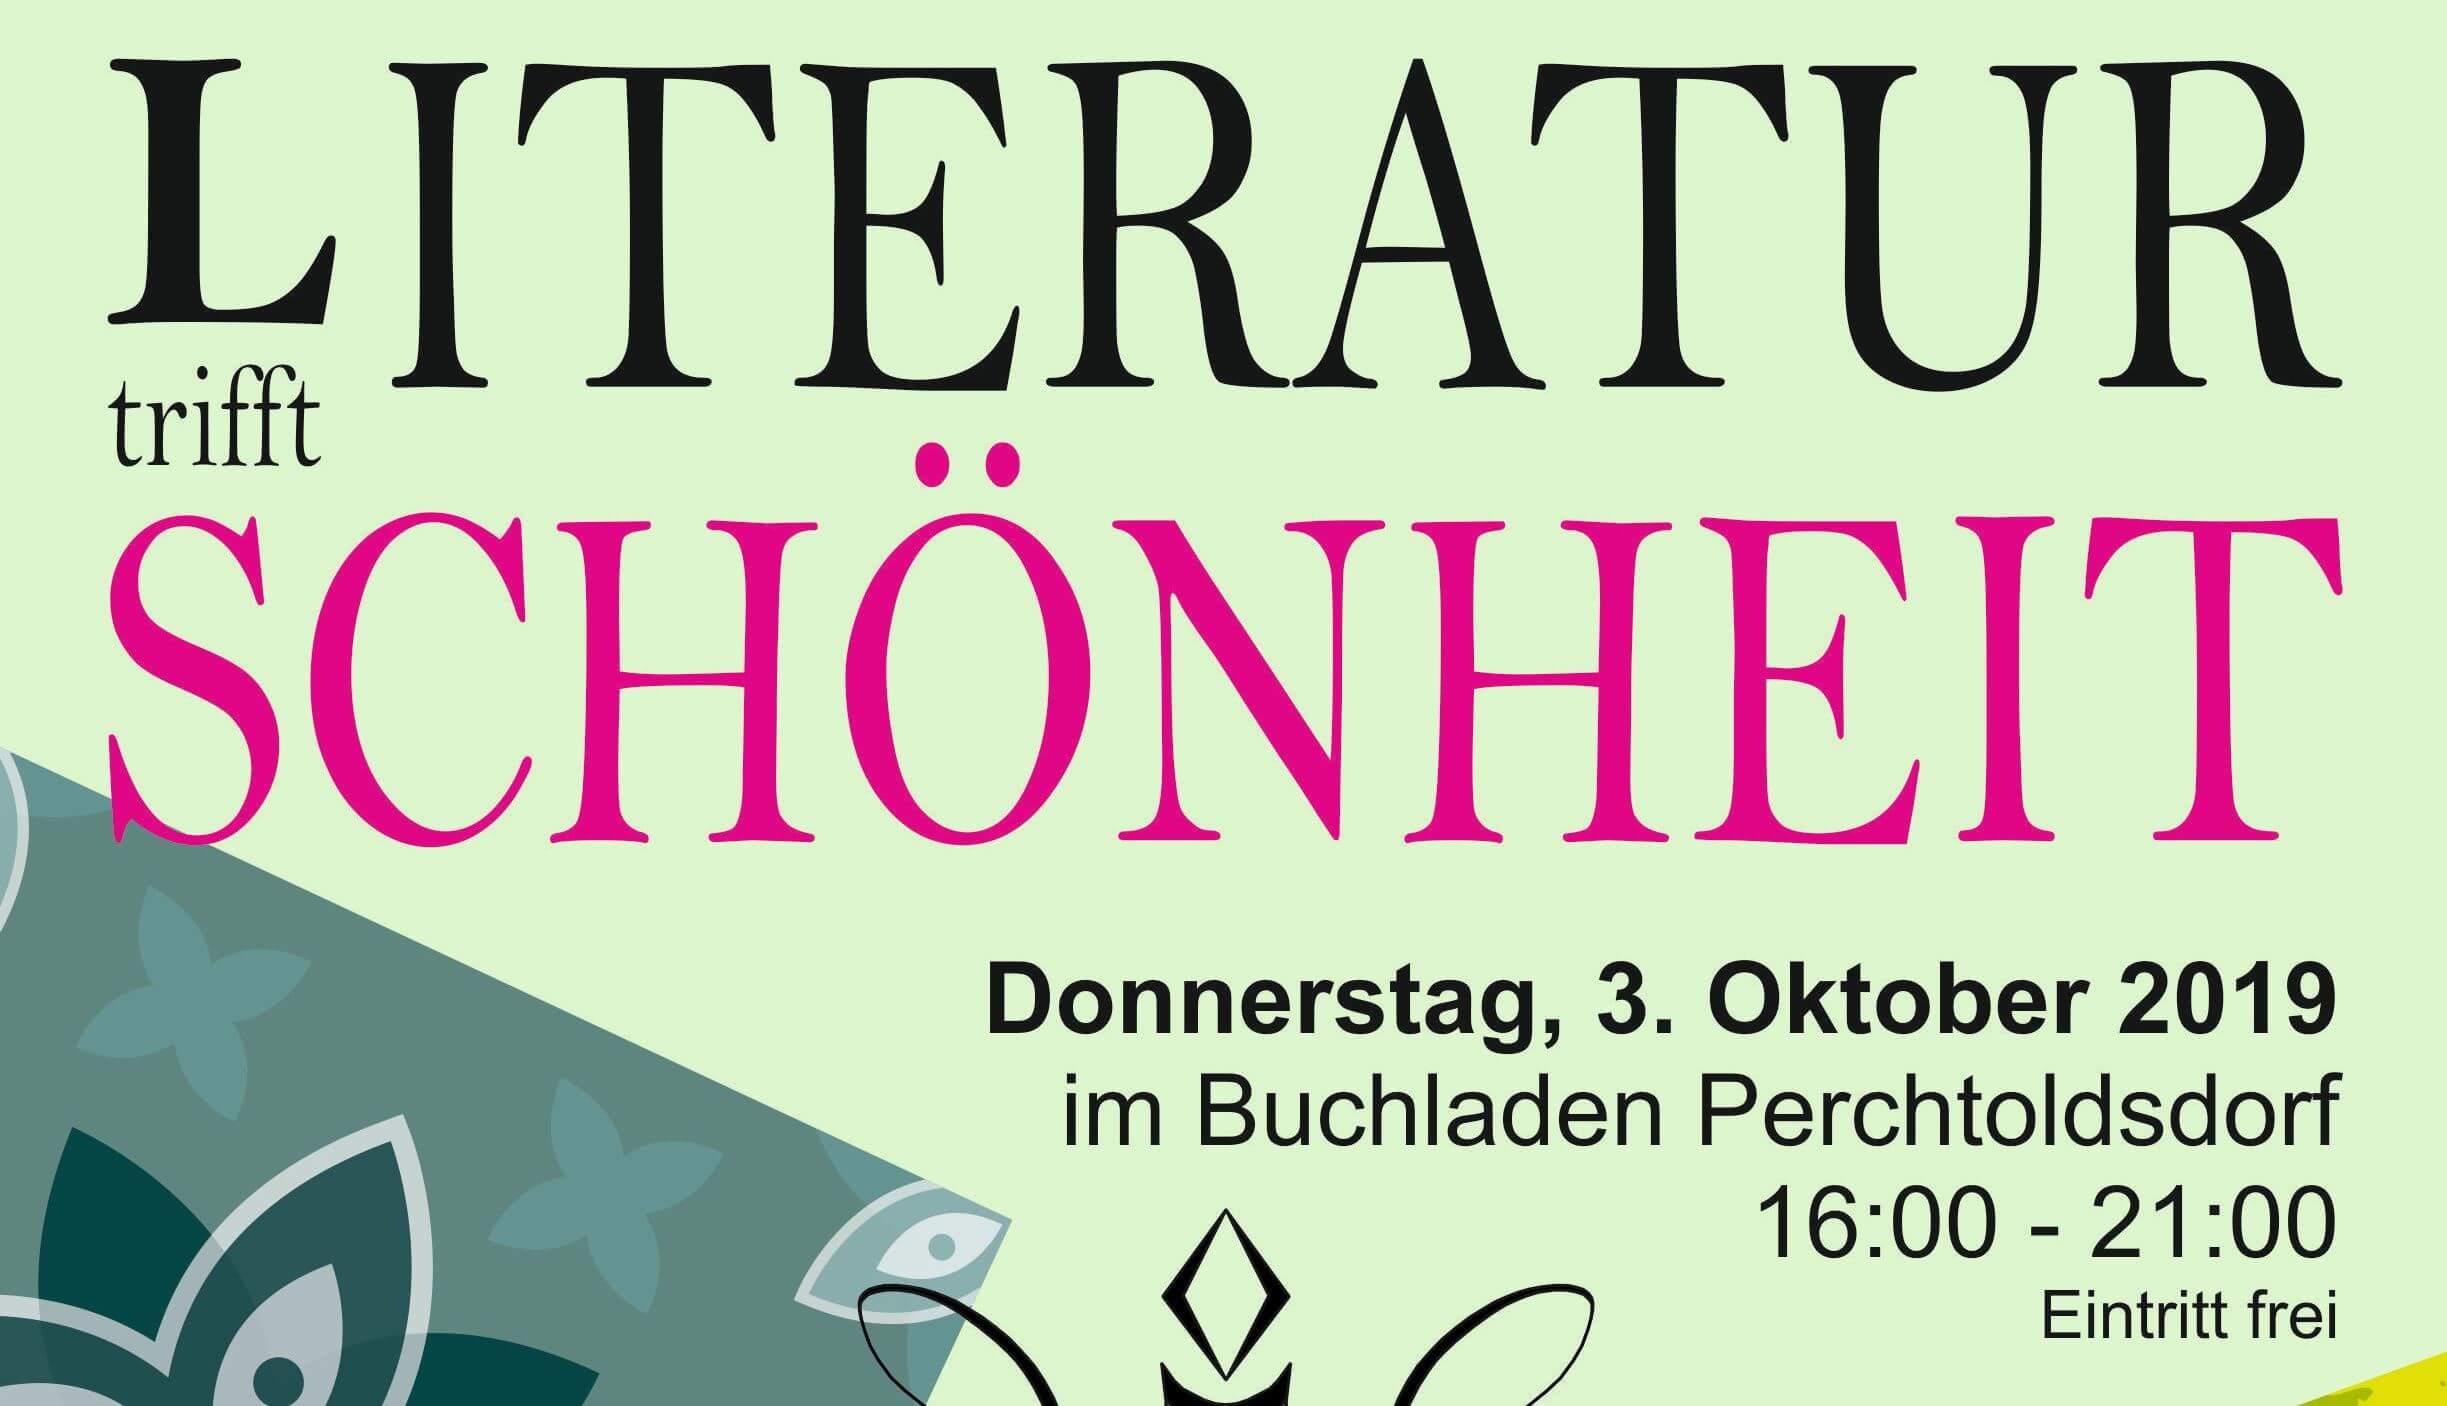 Perchtoldsdorfer dorf:dialog am 26. Oktober - Martin Schuster